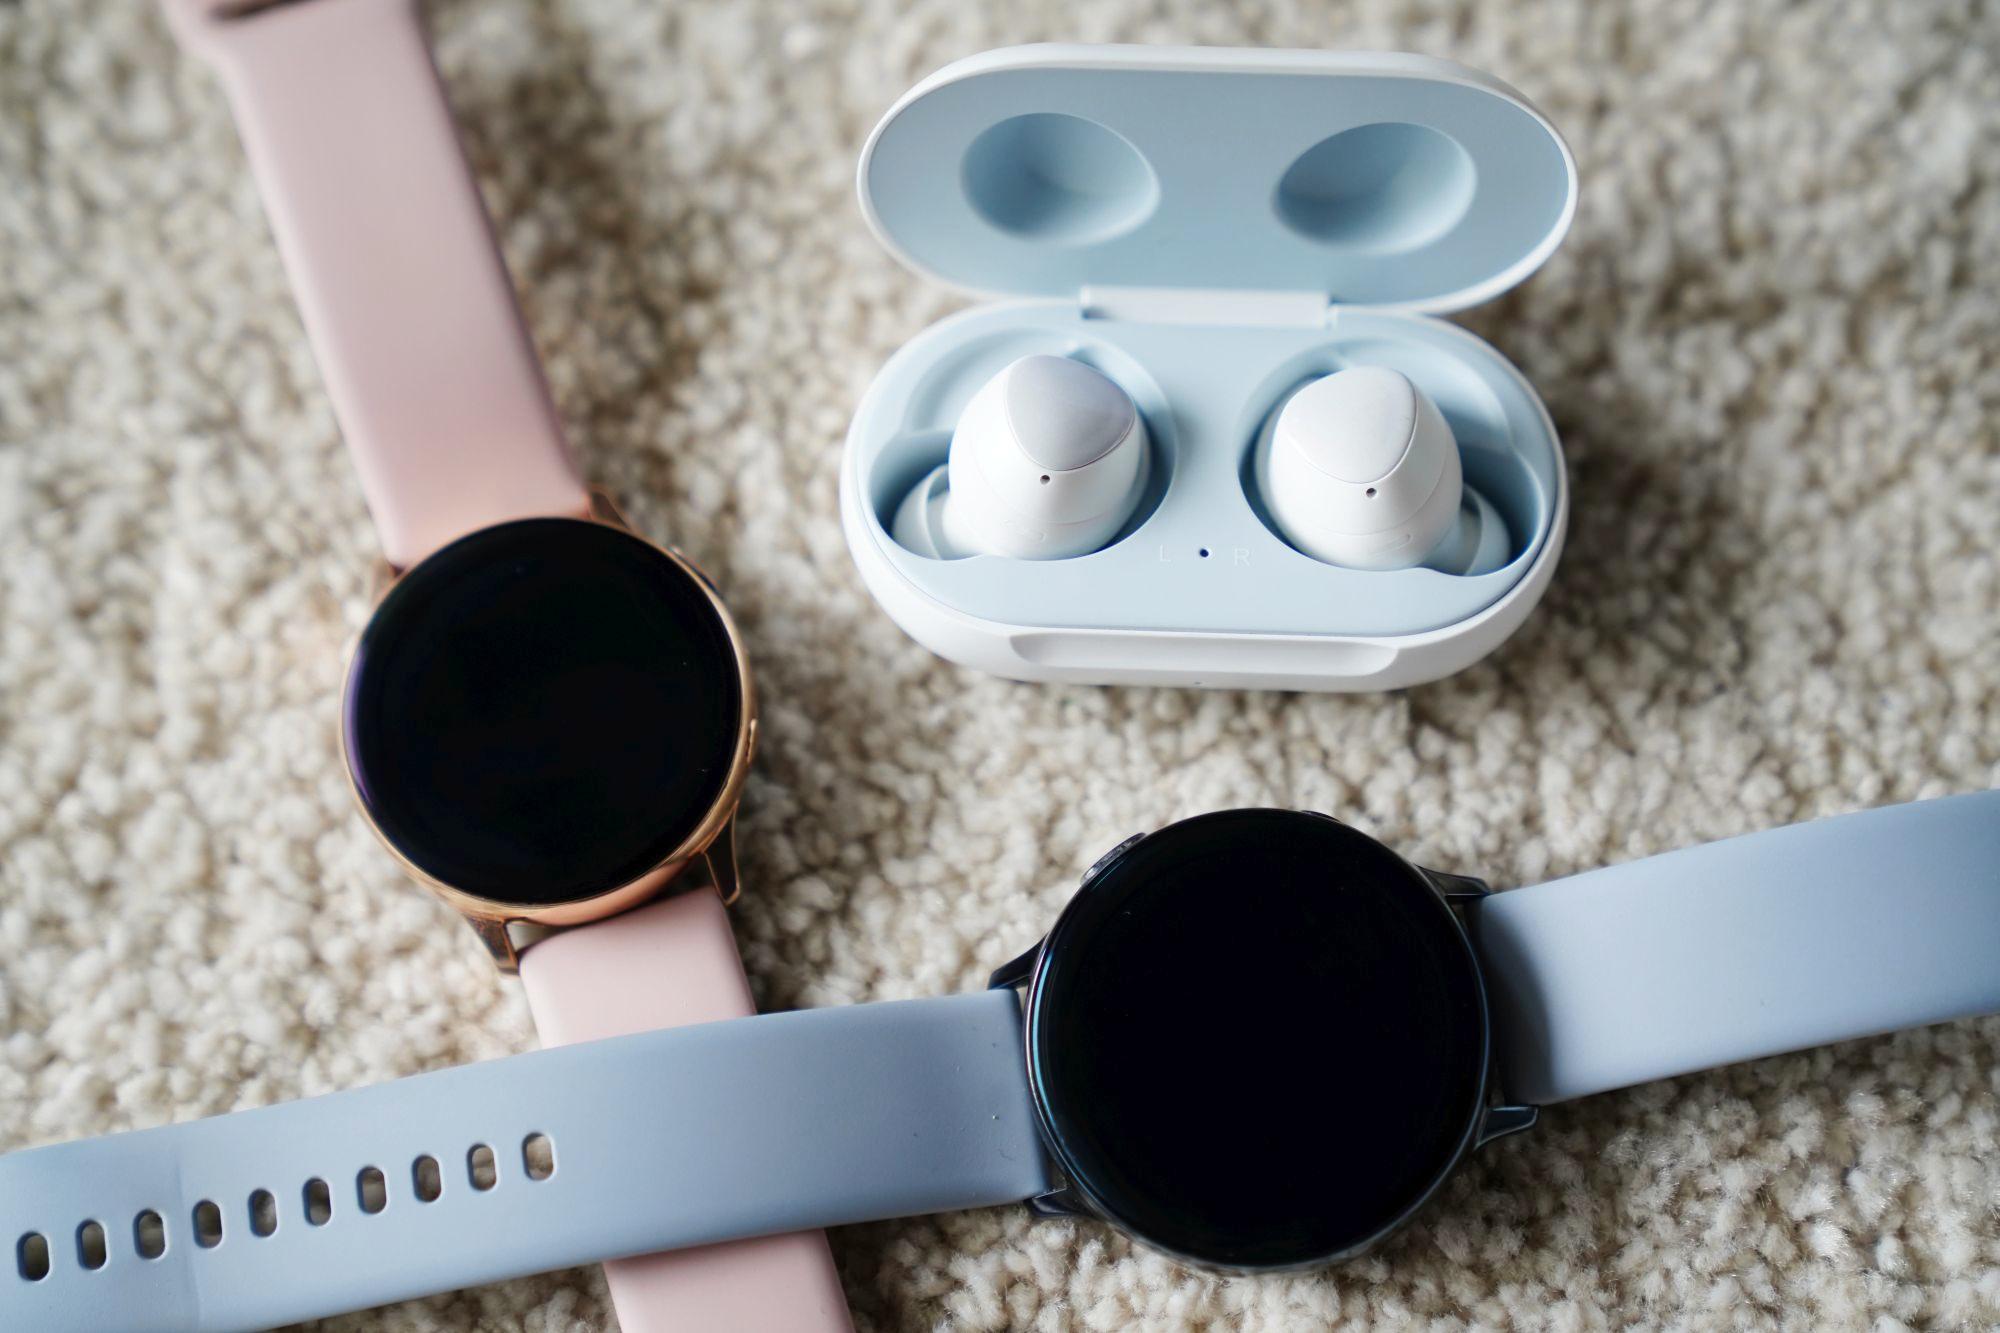 Rynek wearables w 2019 roku: imponujące wzrosty i silna pozycja Apple 21